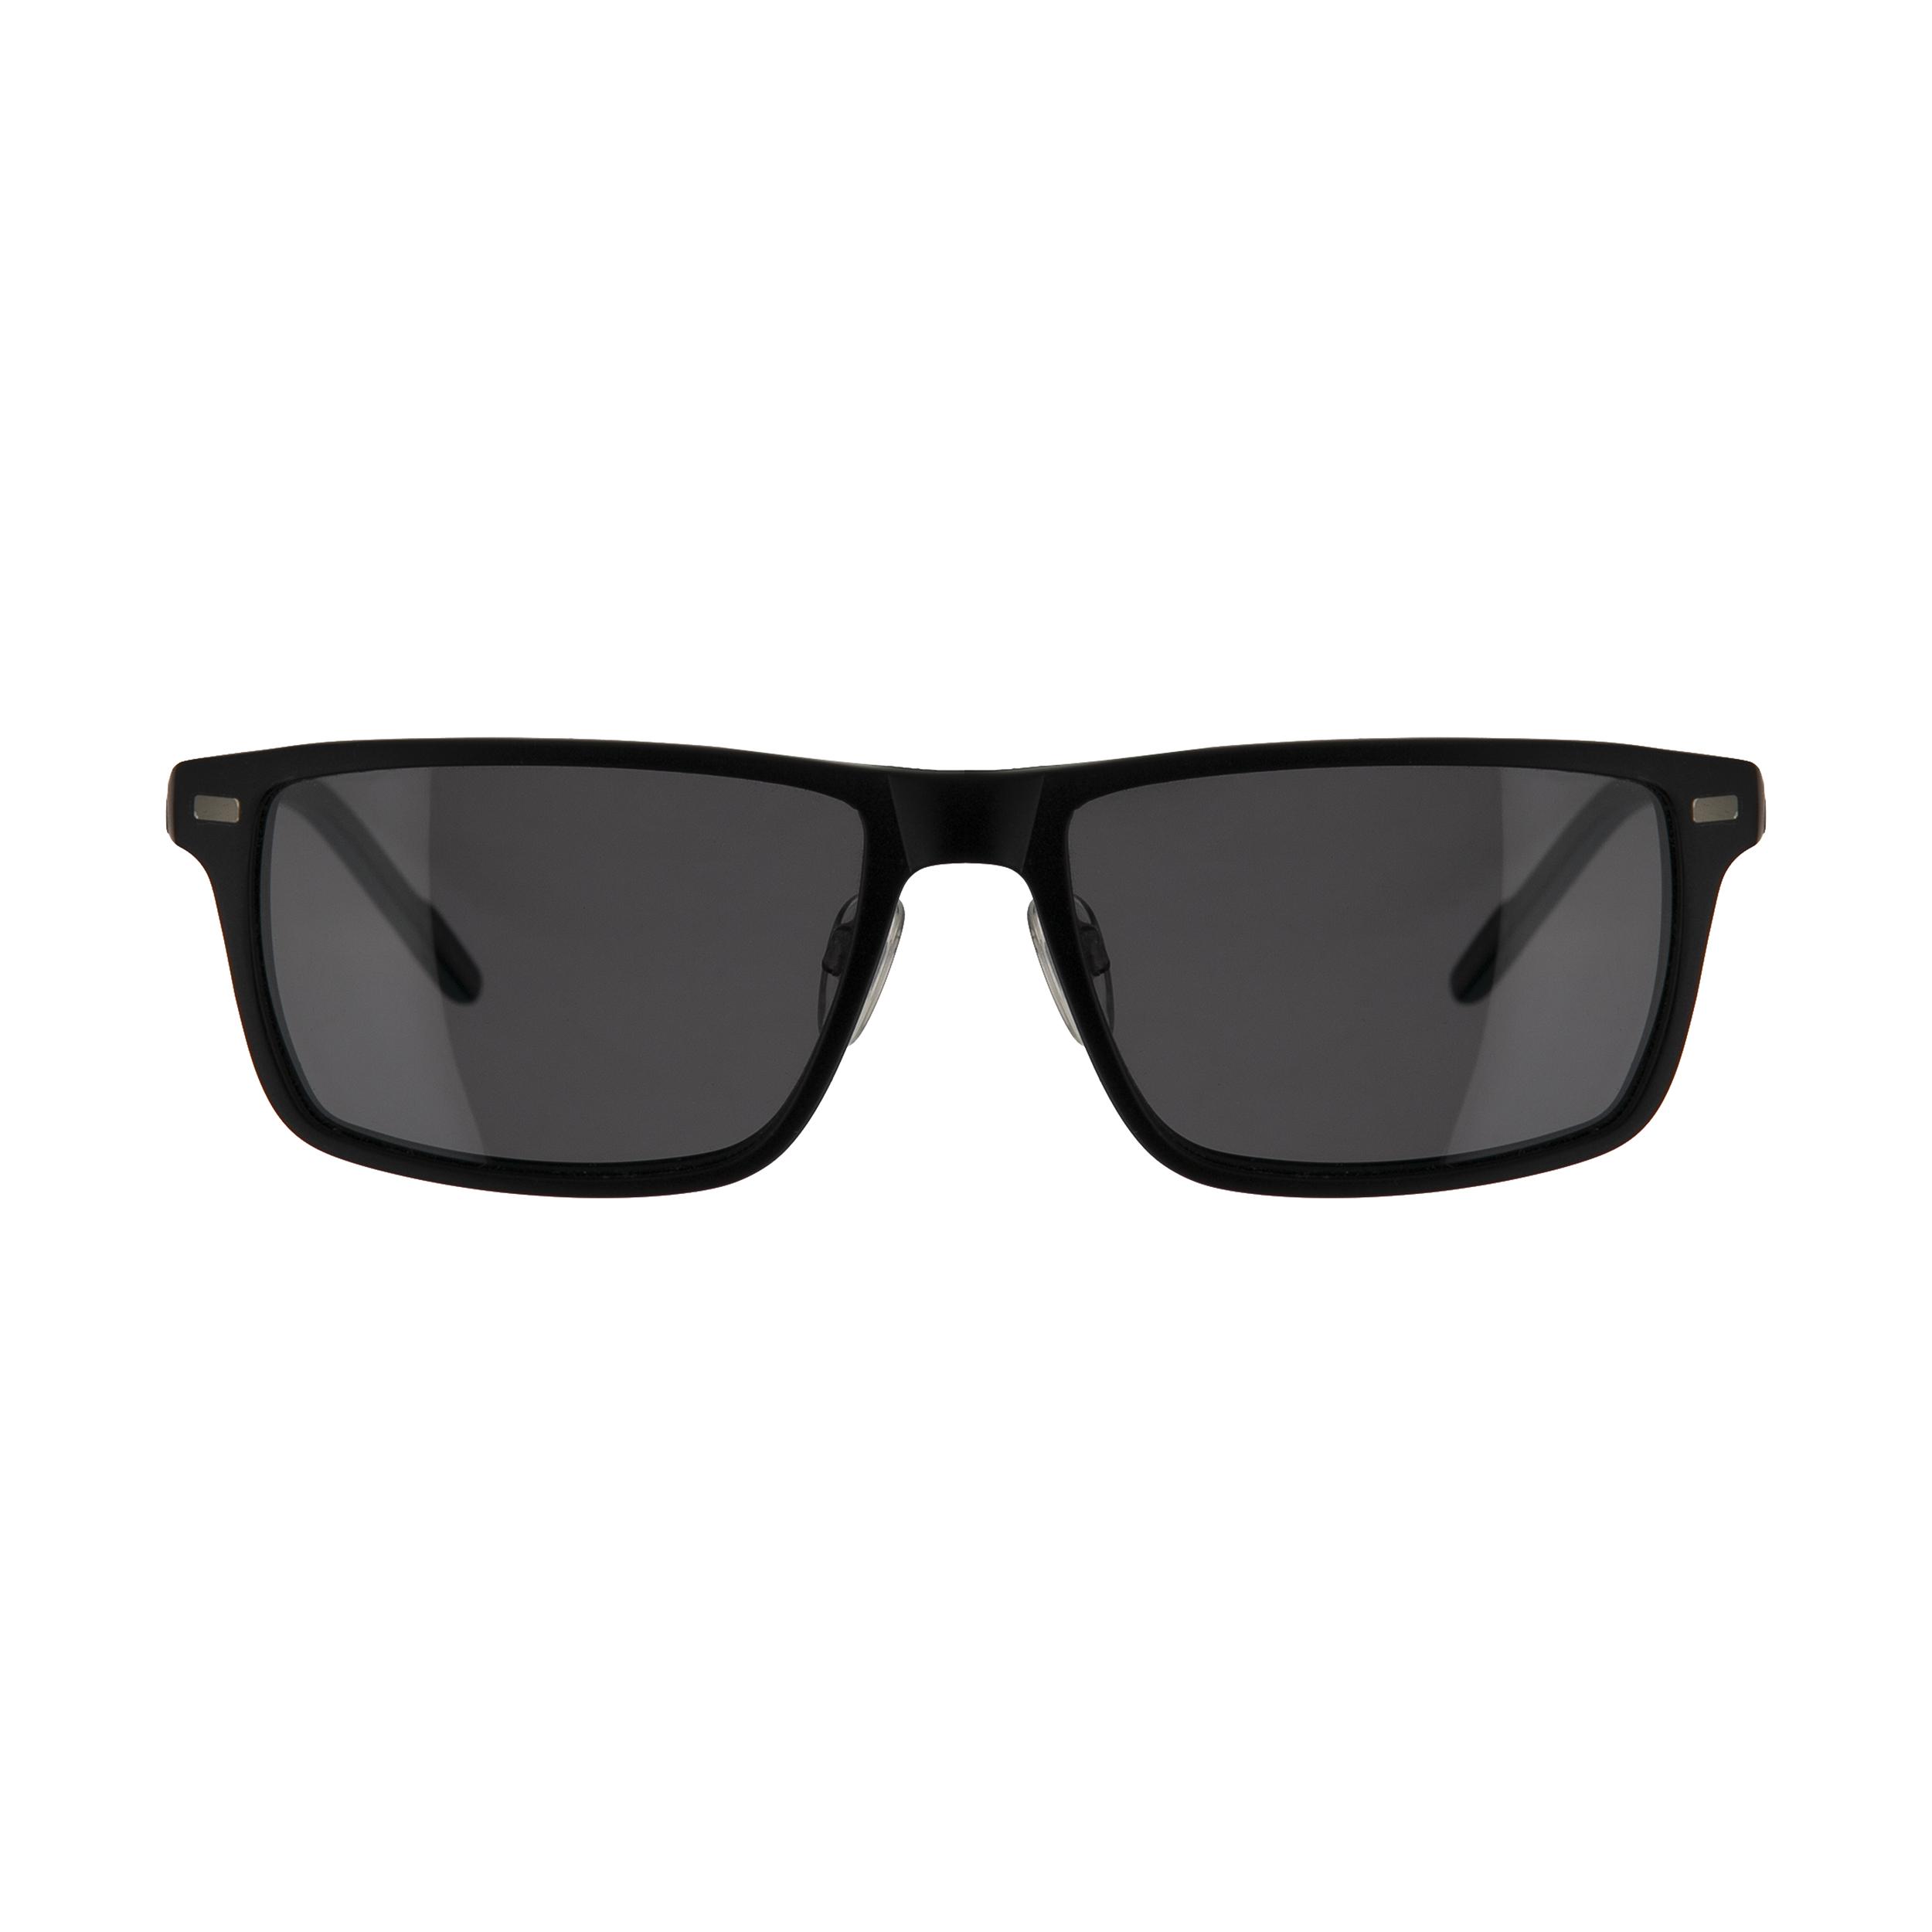 عینک آفتابی مردانه روی رابسون مدل 70030003